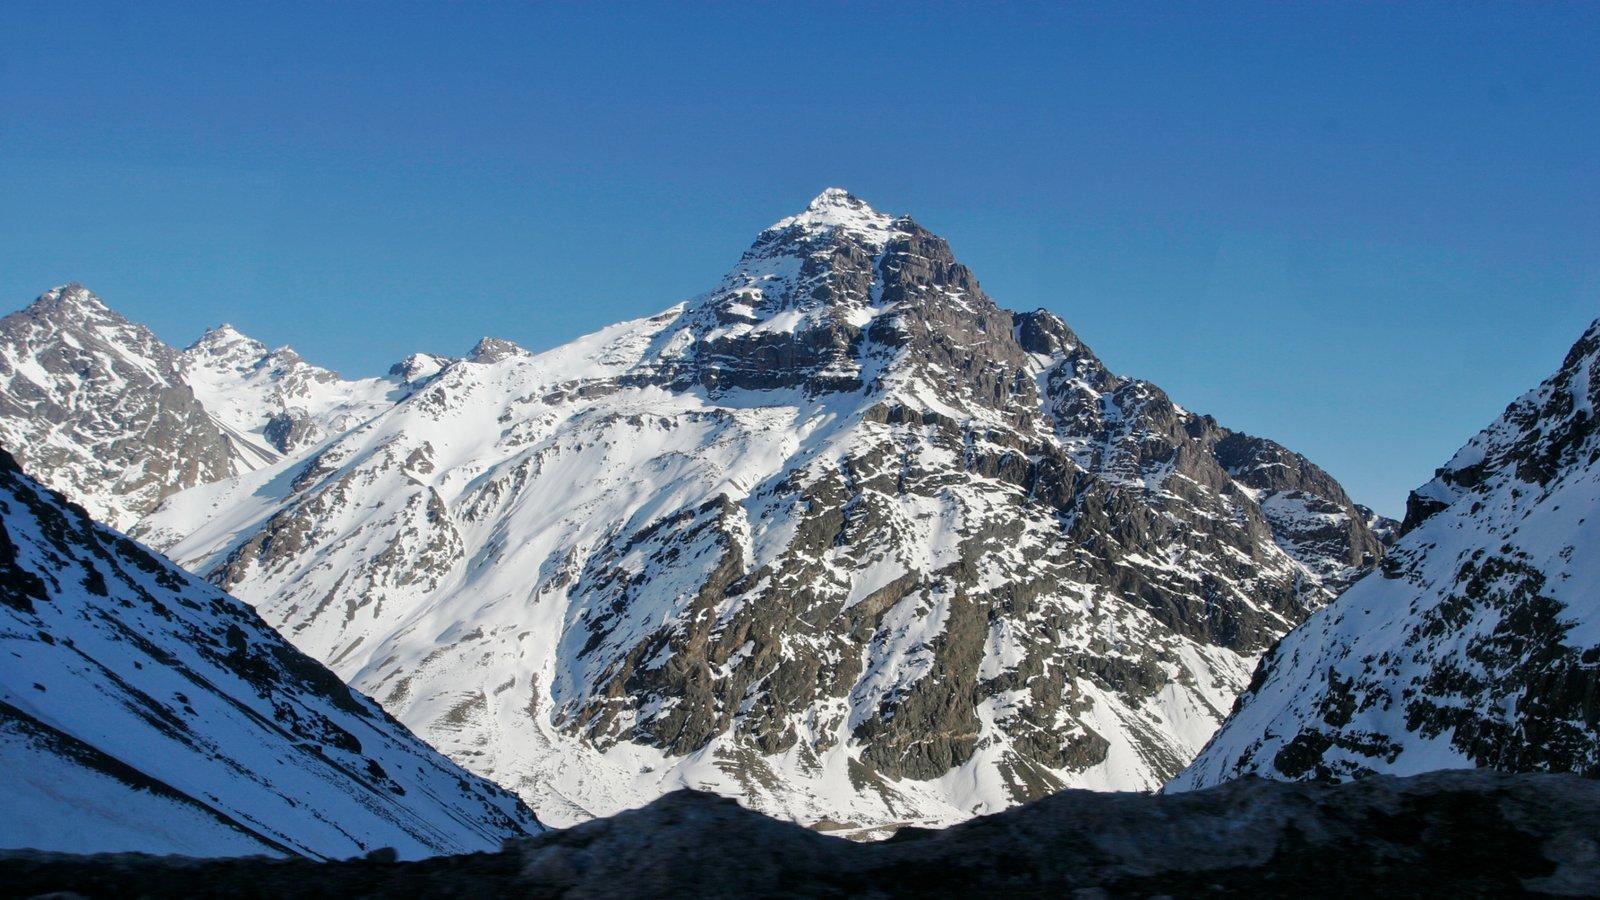 Chile que inclui montanhas e neve